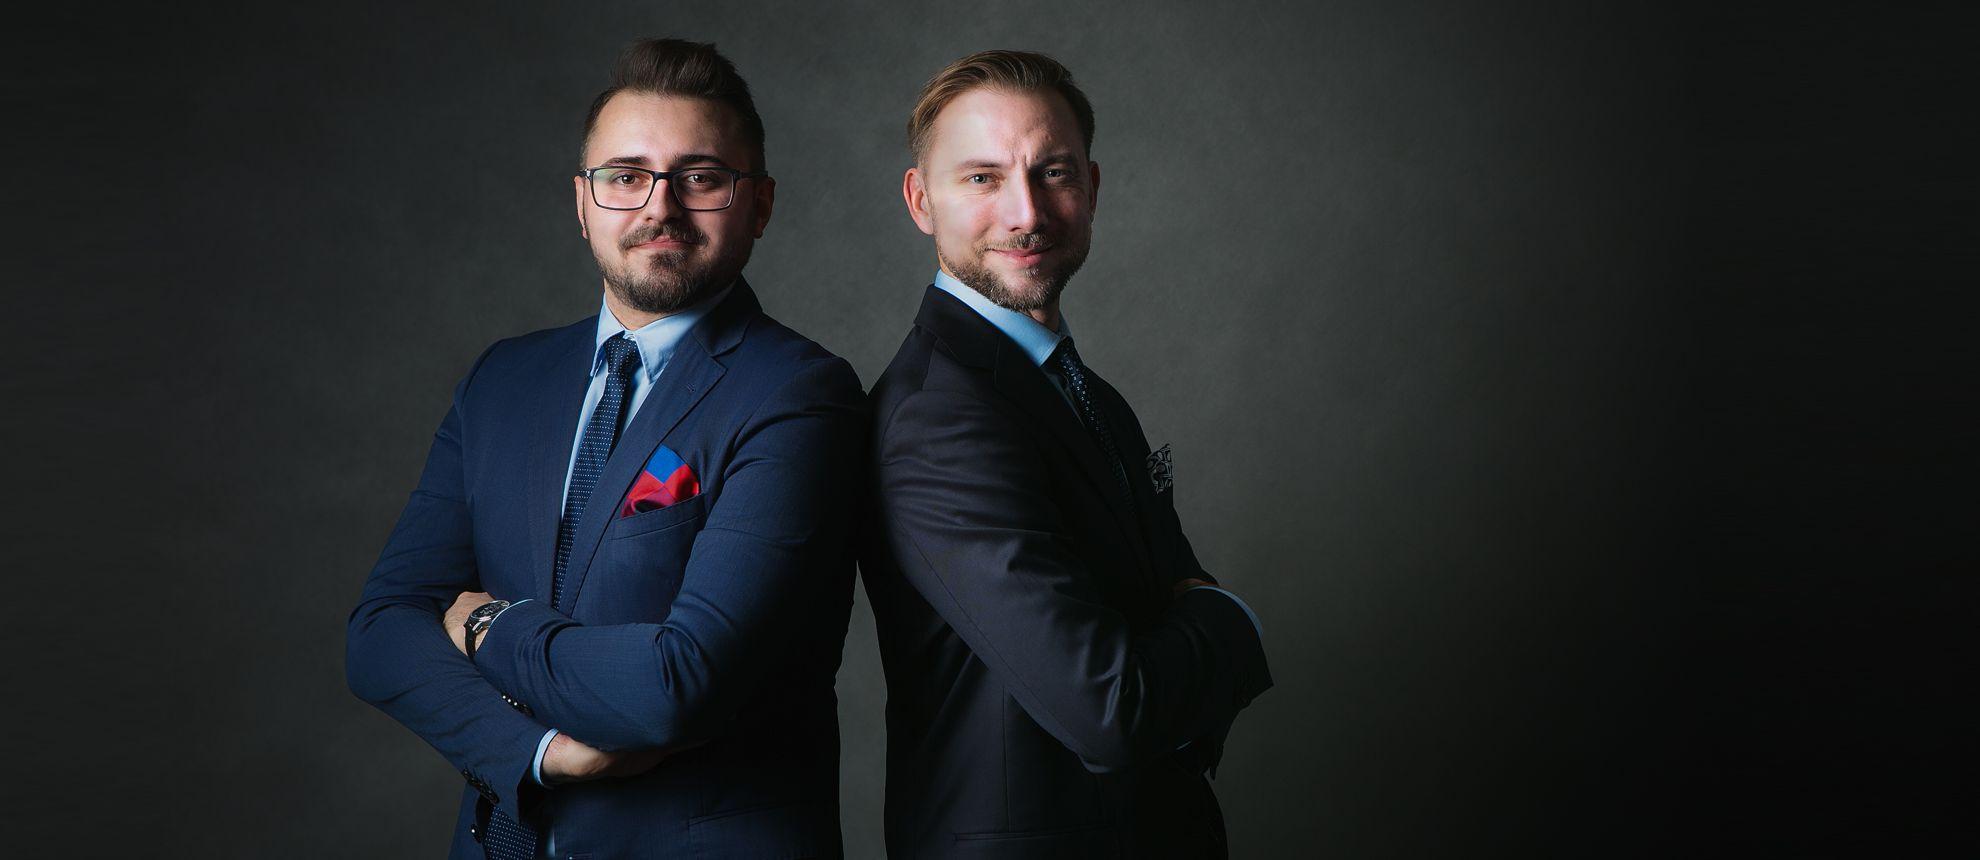 Paweł Kamiński i Paweł Biernacki z PRO WATCHES w garniturach